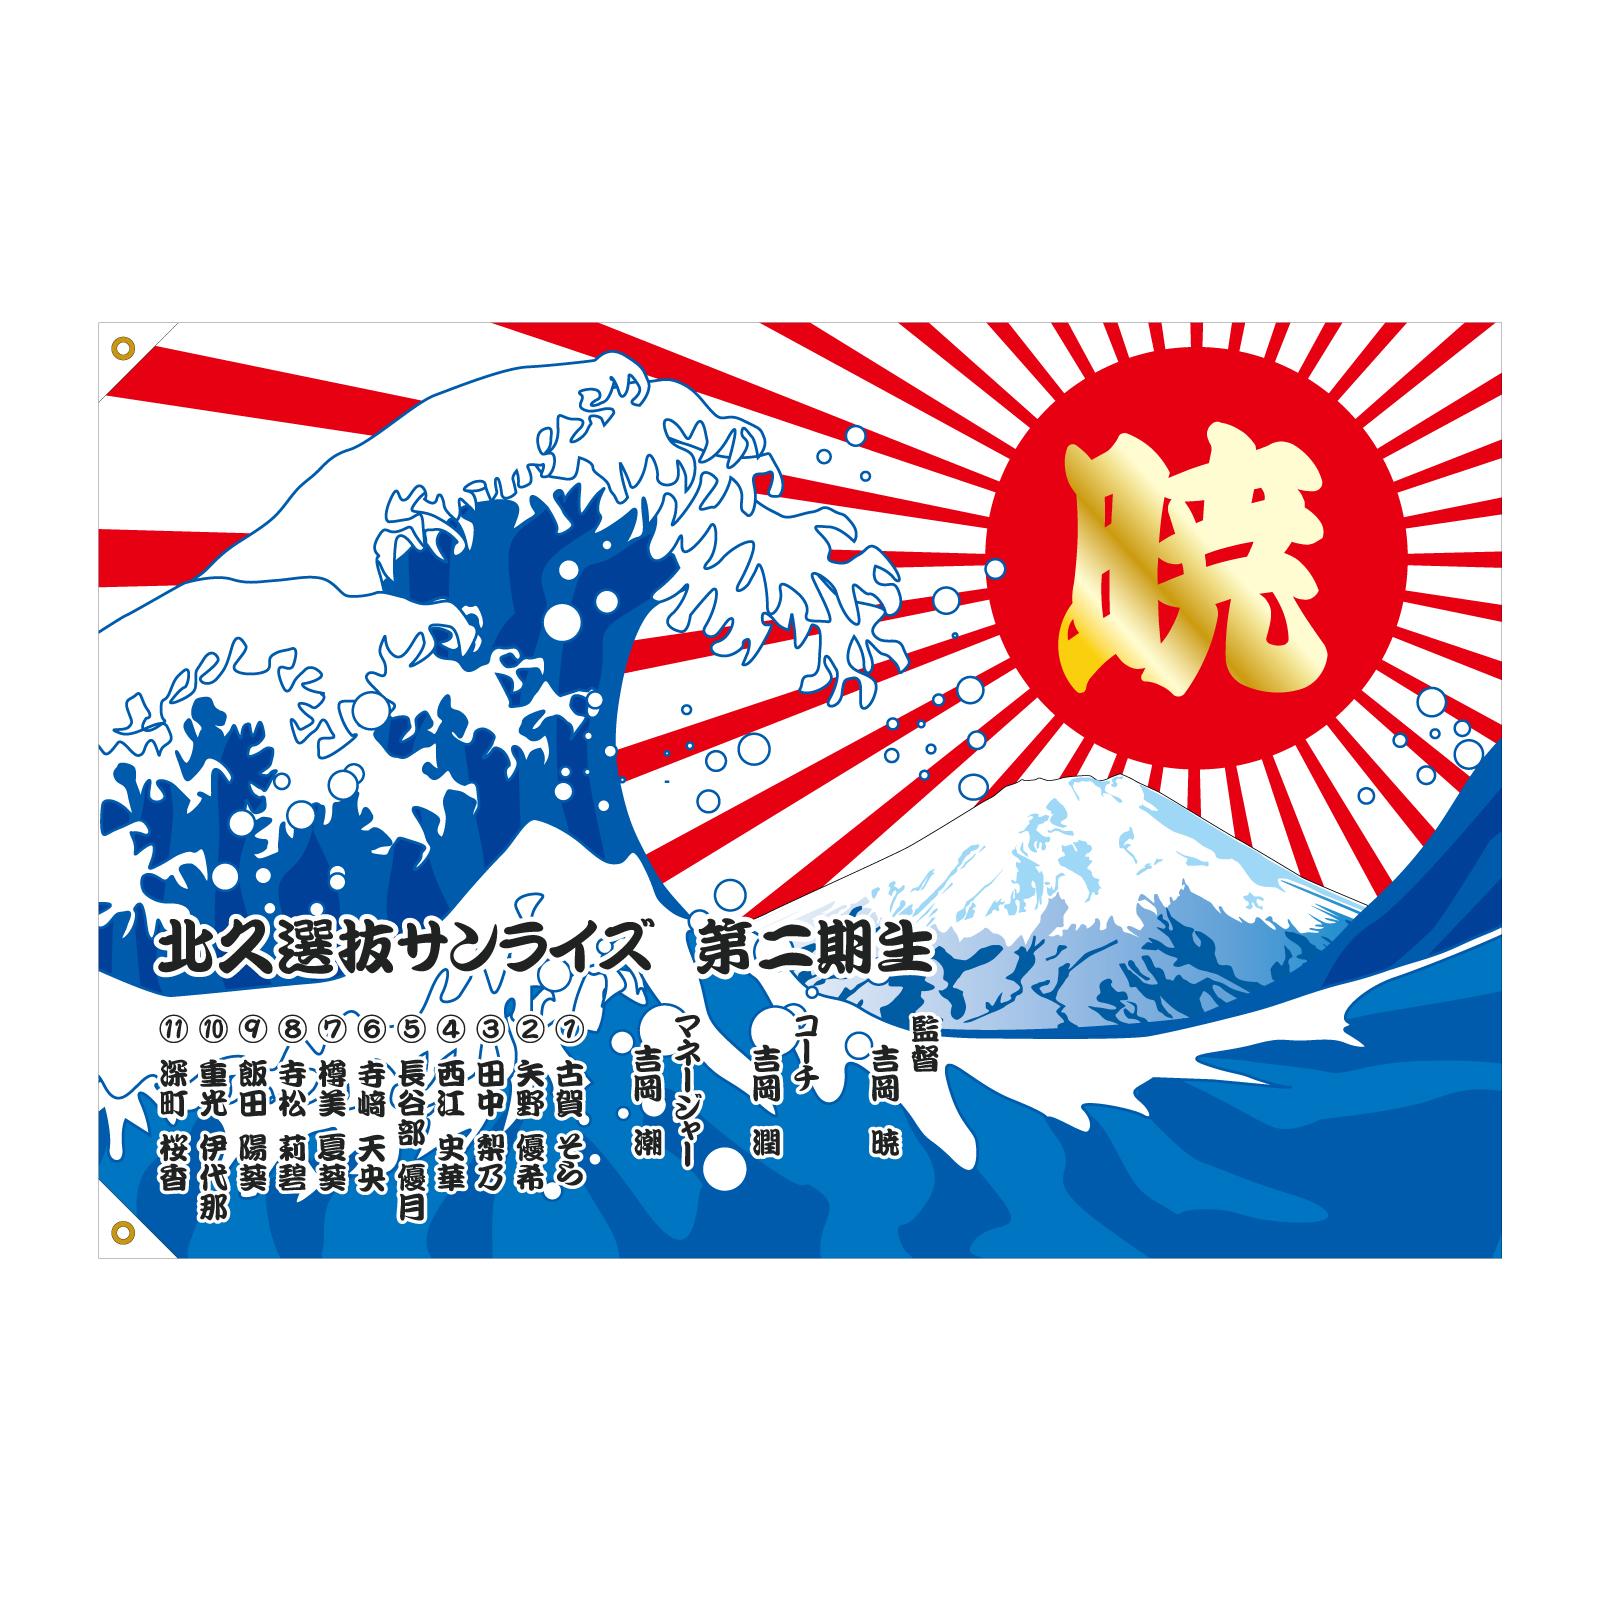 チームの大漁旗